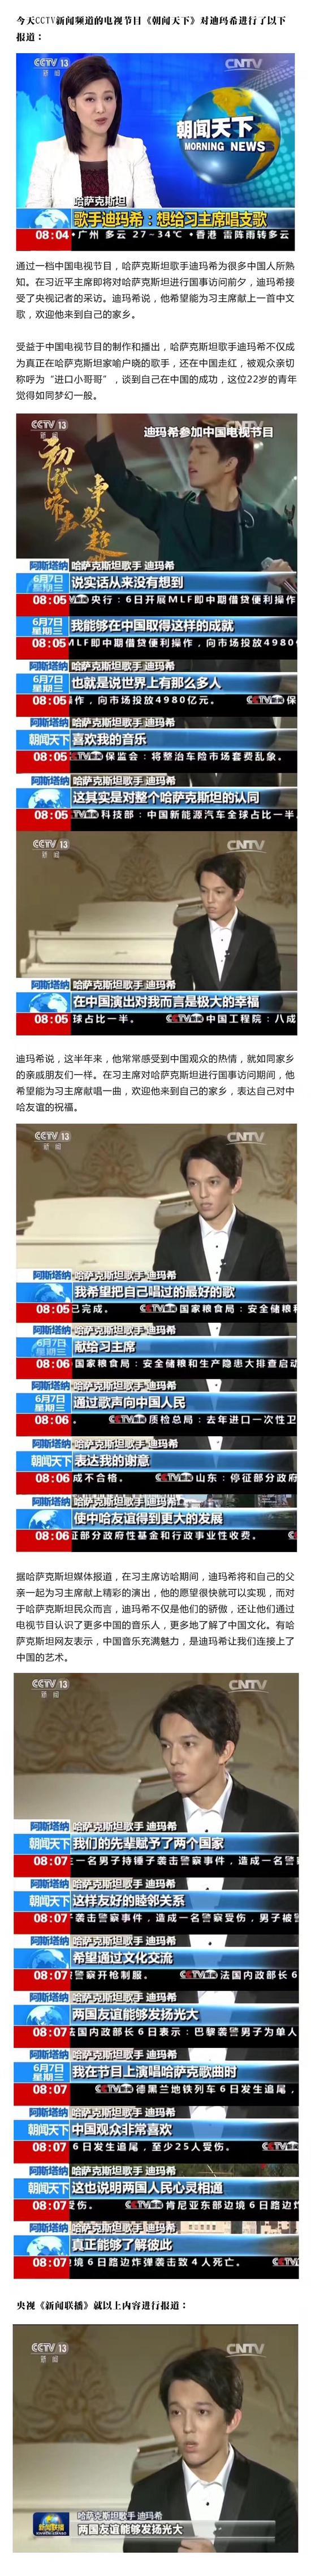 迪玛希接受央视采访:在中国演出是极大的幸福